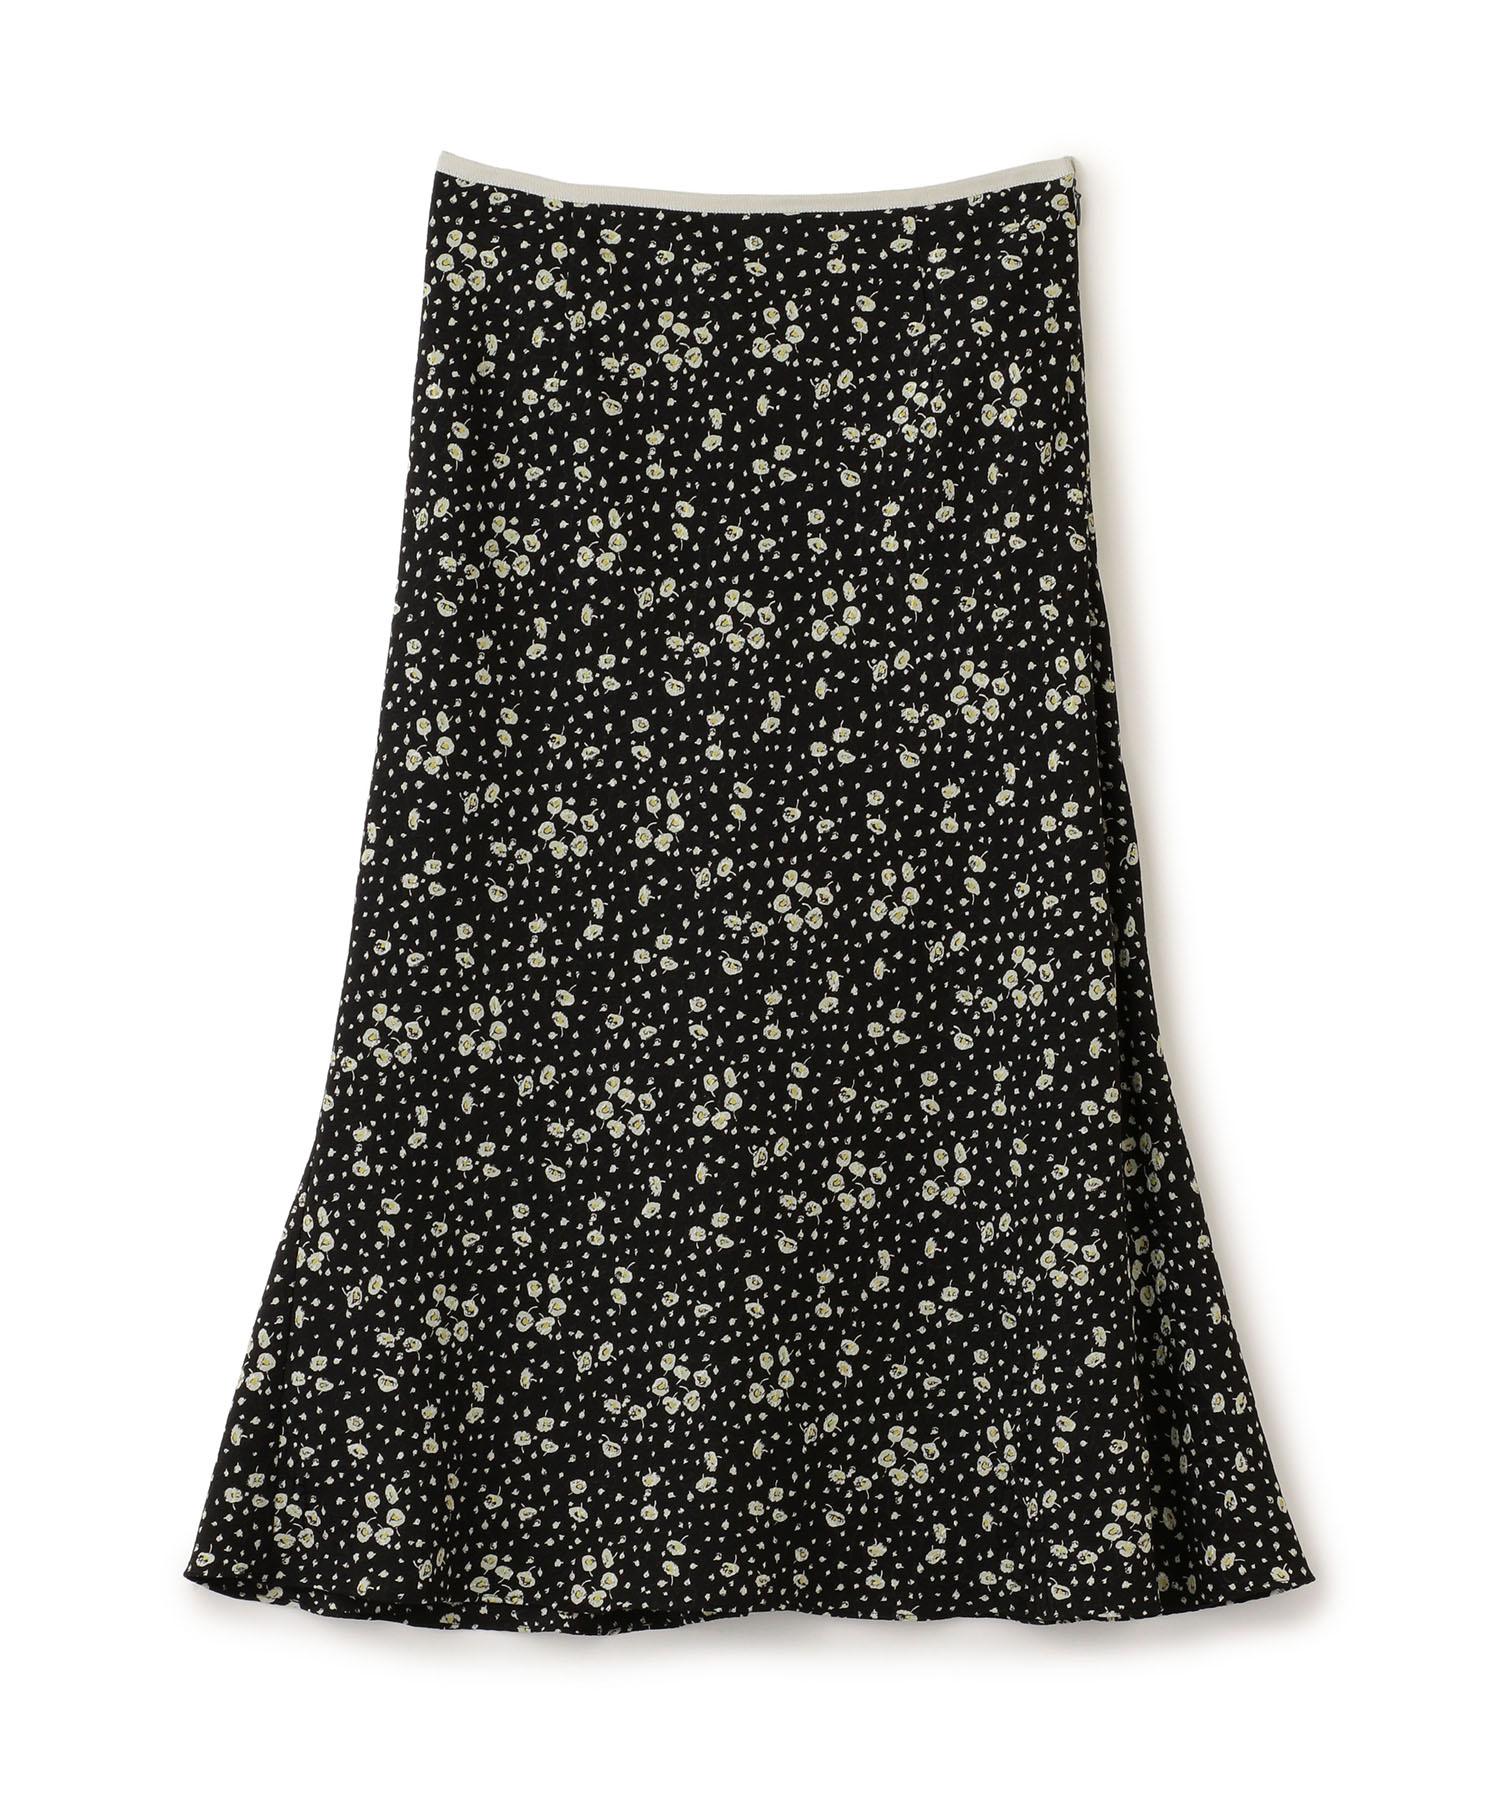 クレープフラワープリントスカート